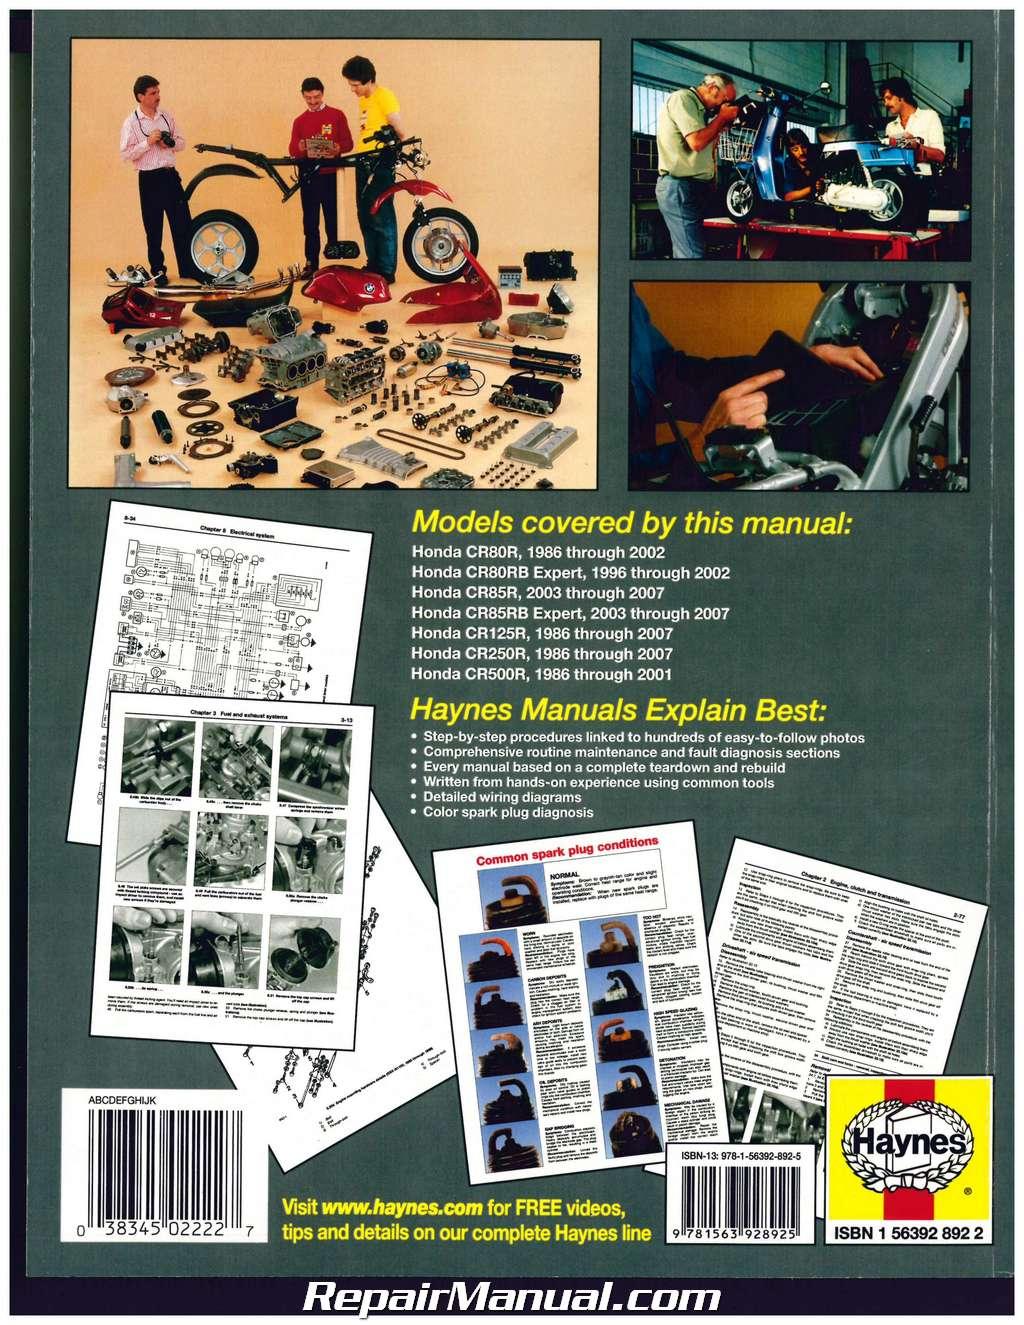 1995 honda cr125 service manual